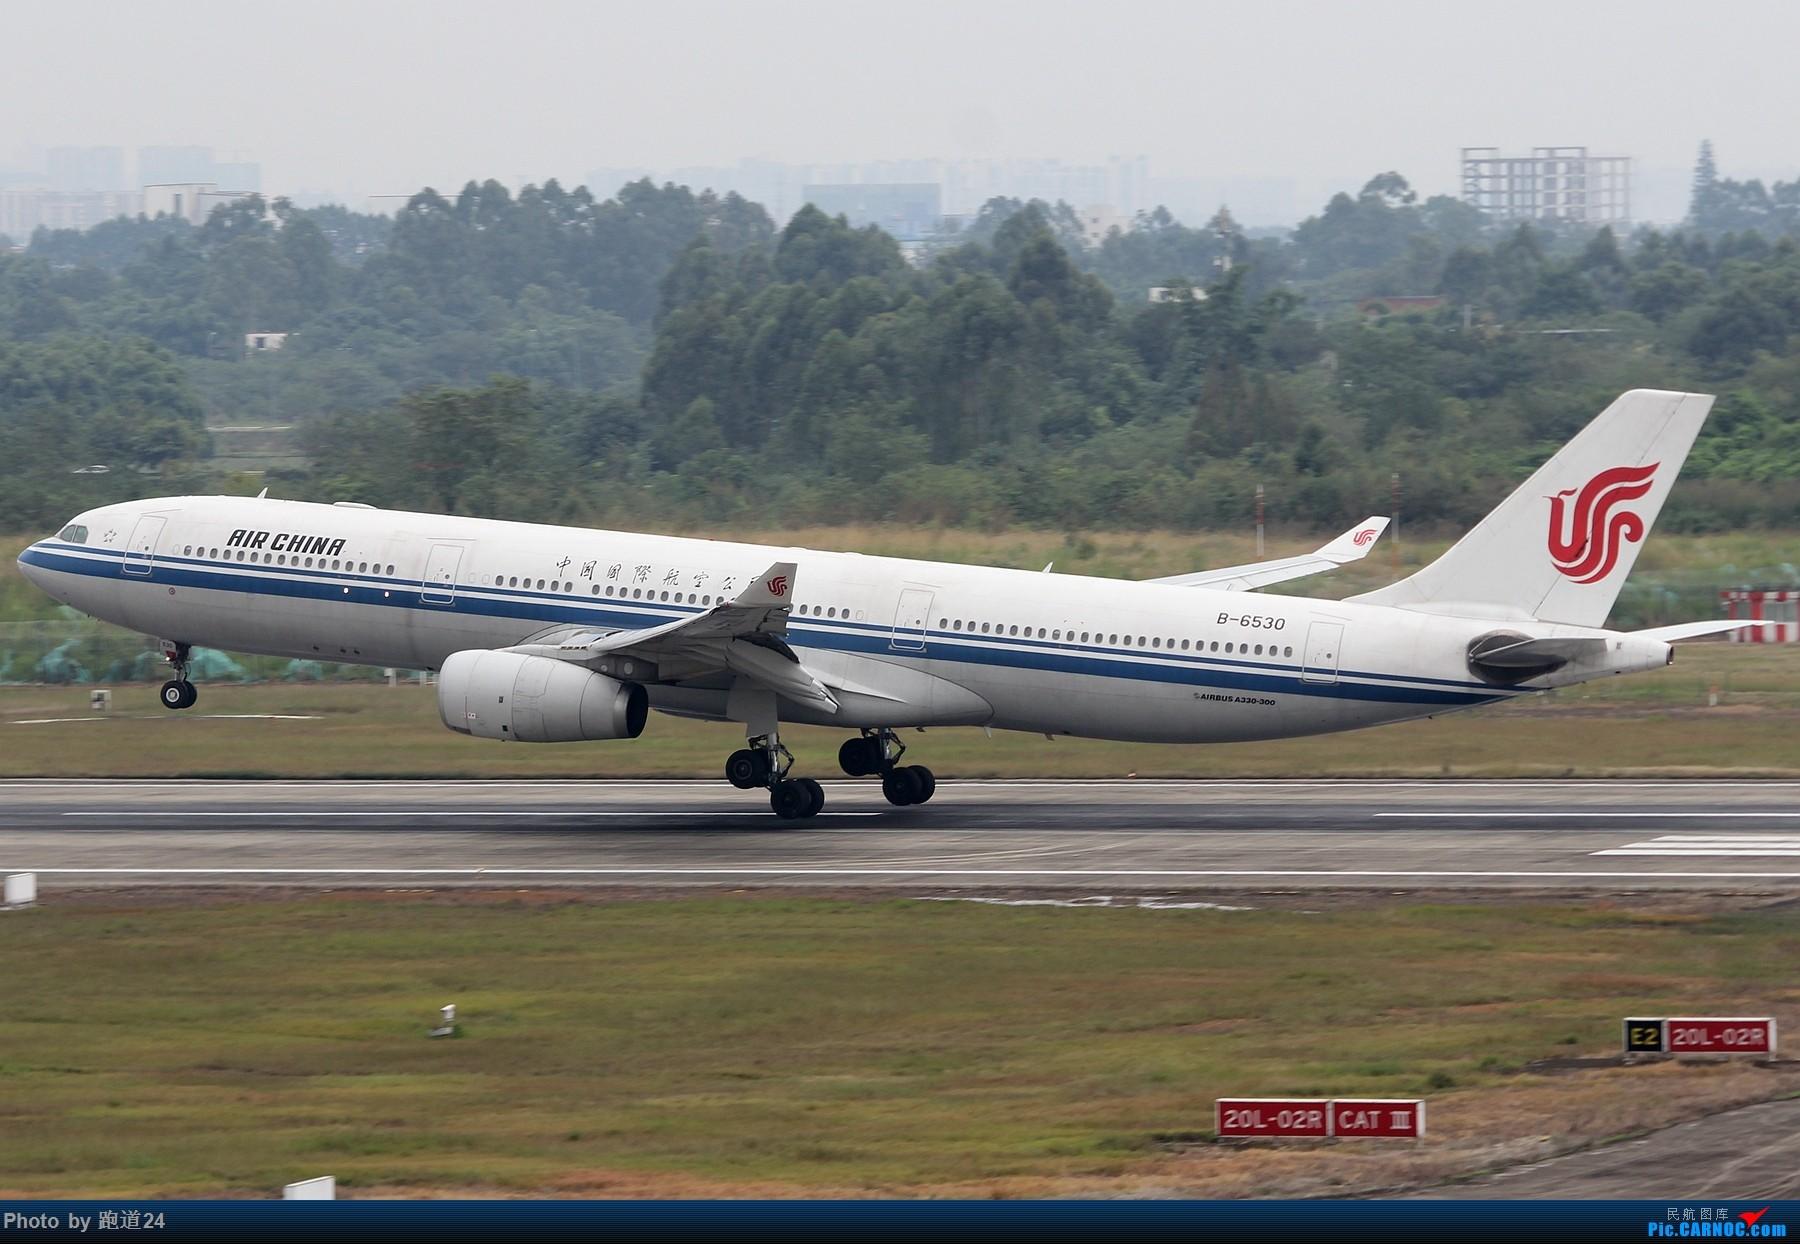 Re:[原创][原创]【多图党】国庆烂天10.7拍机 1800*1200 AIRBUS A330-300 B-6530 中国成都双流国际机场